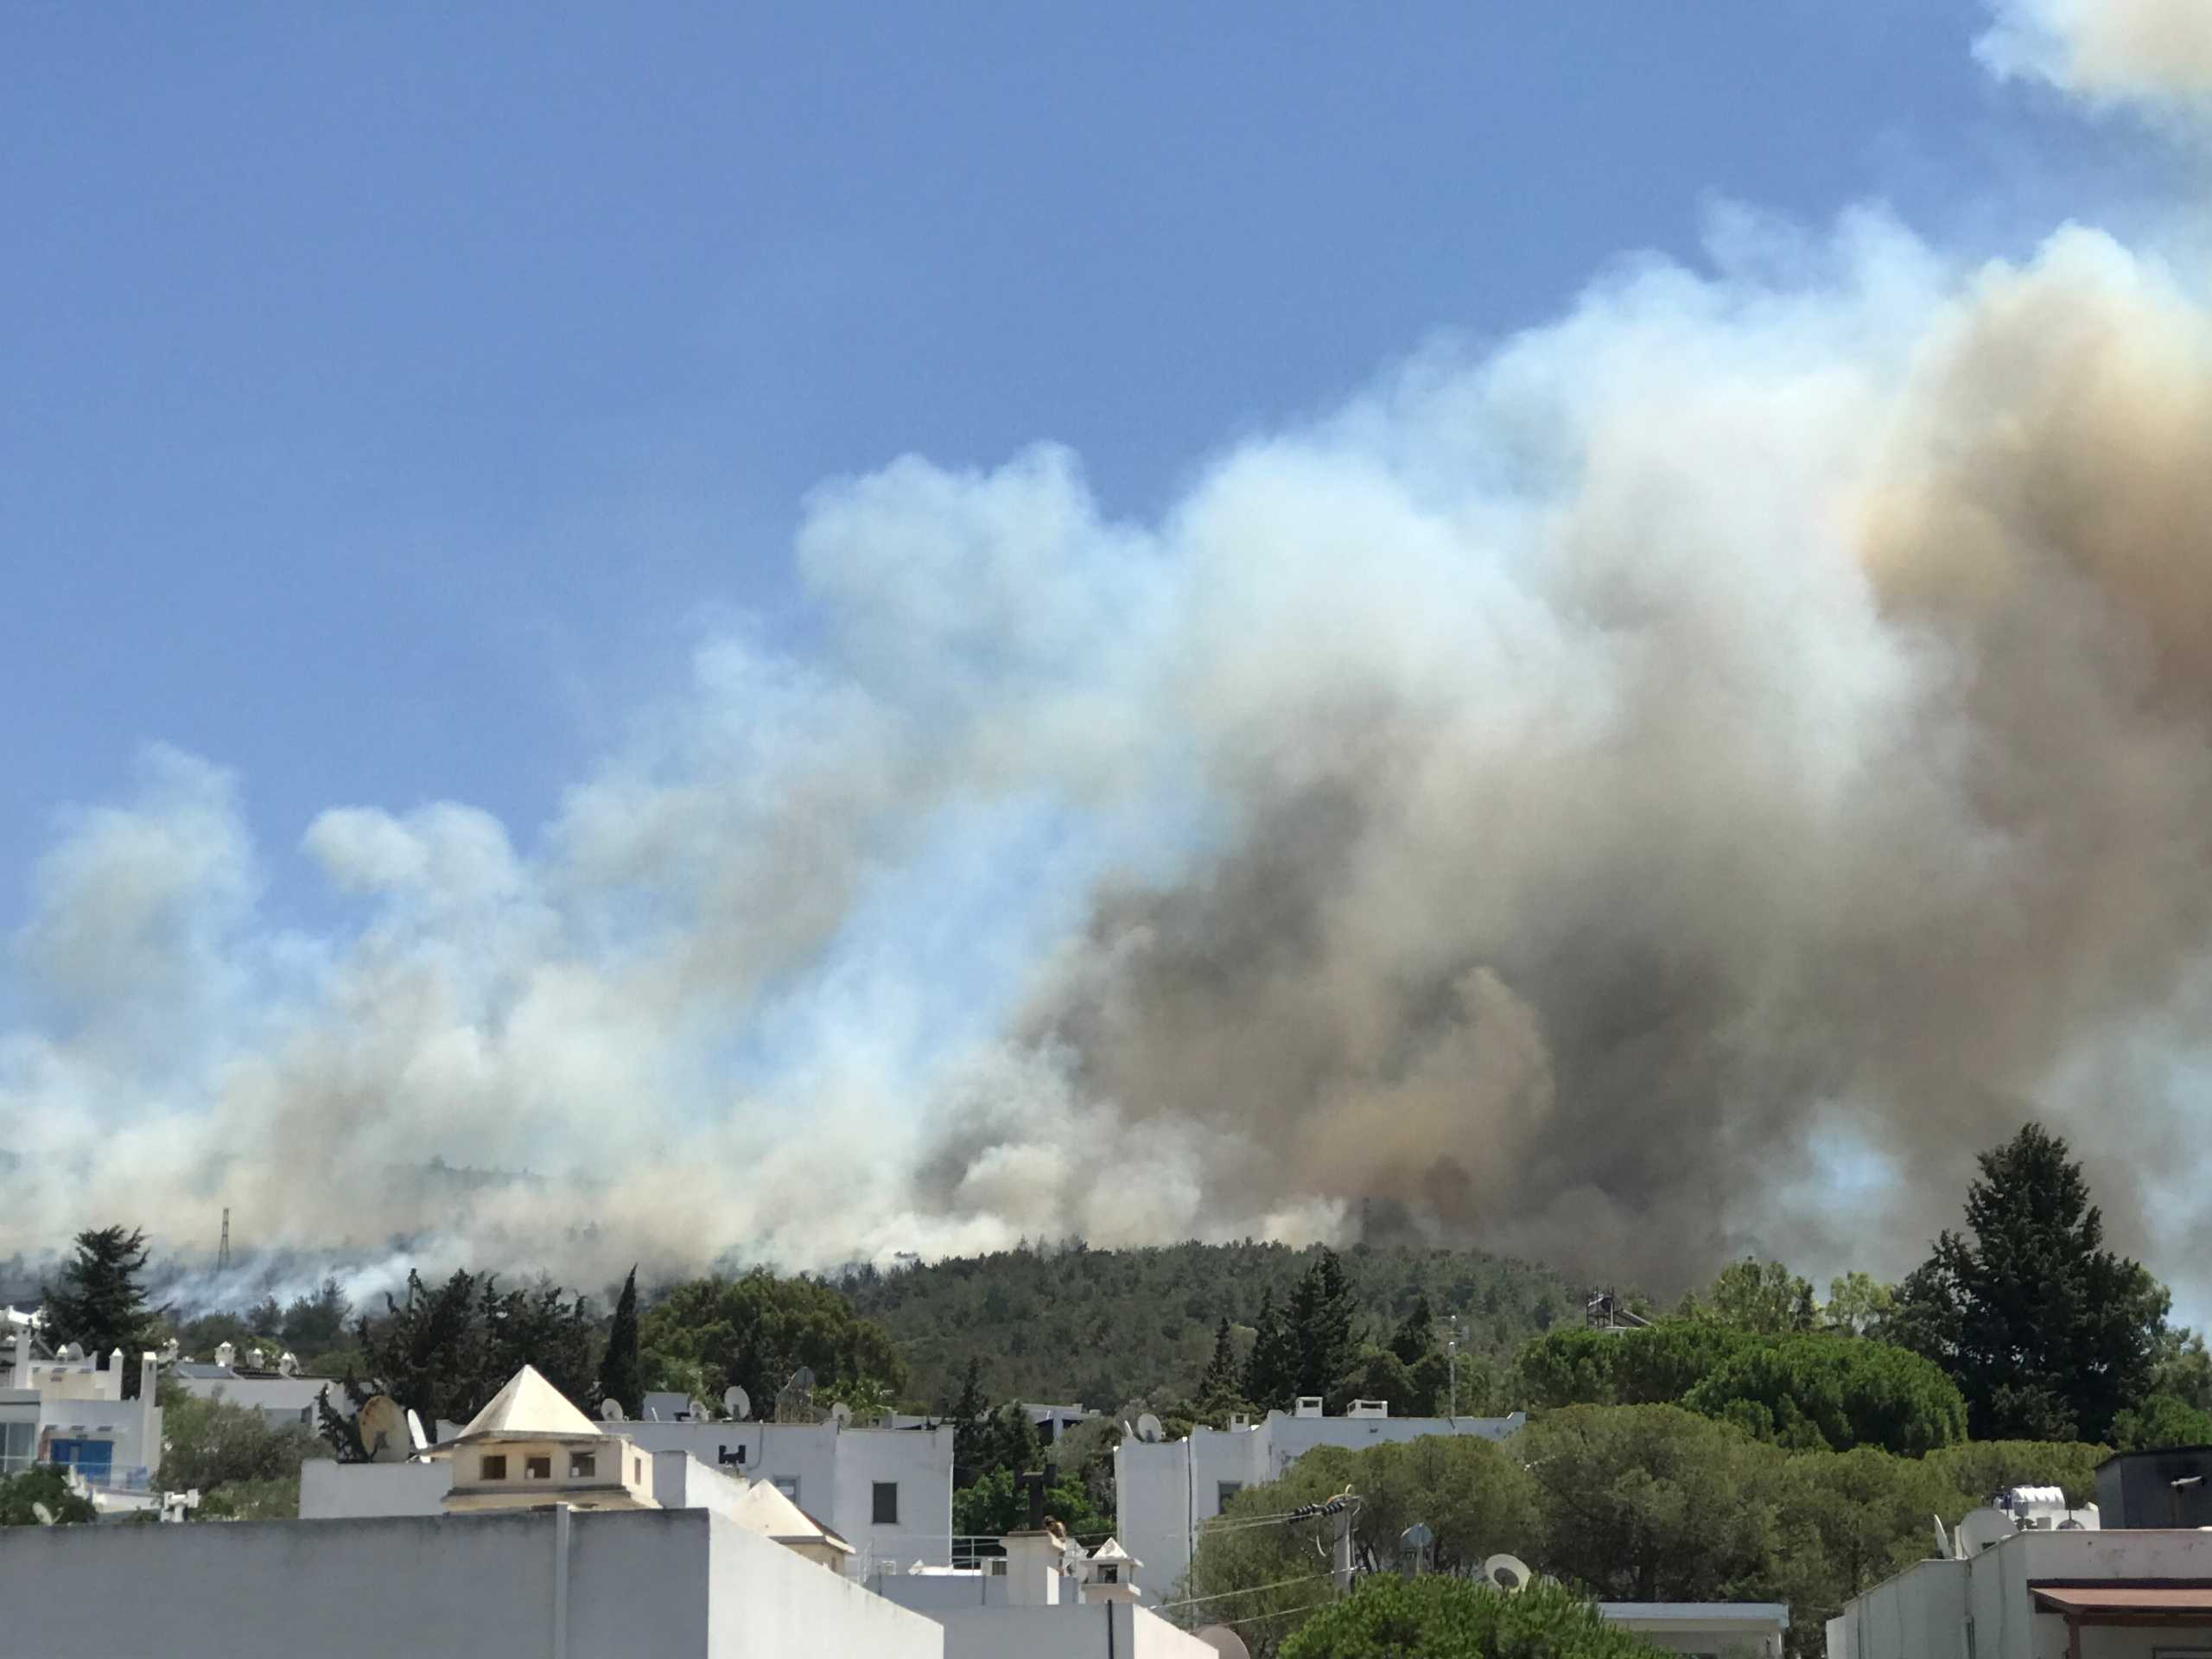 ΕΕ: Στέλνει πυροσβεστικά αεροσκάφη βοηθώντας την Τουρκία στην κατάσβεση των πυρκαγιών